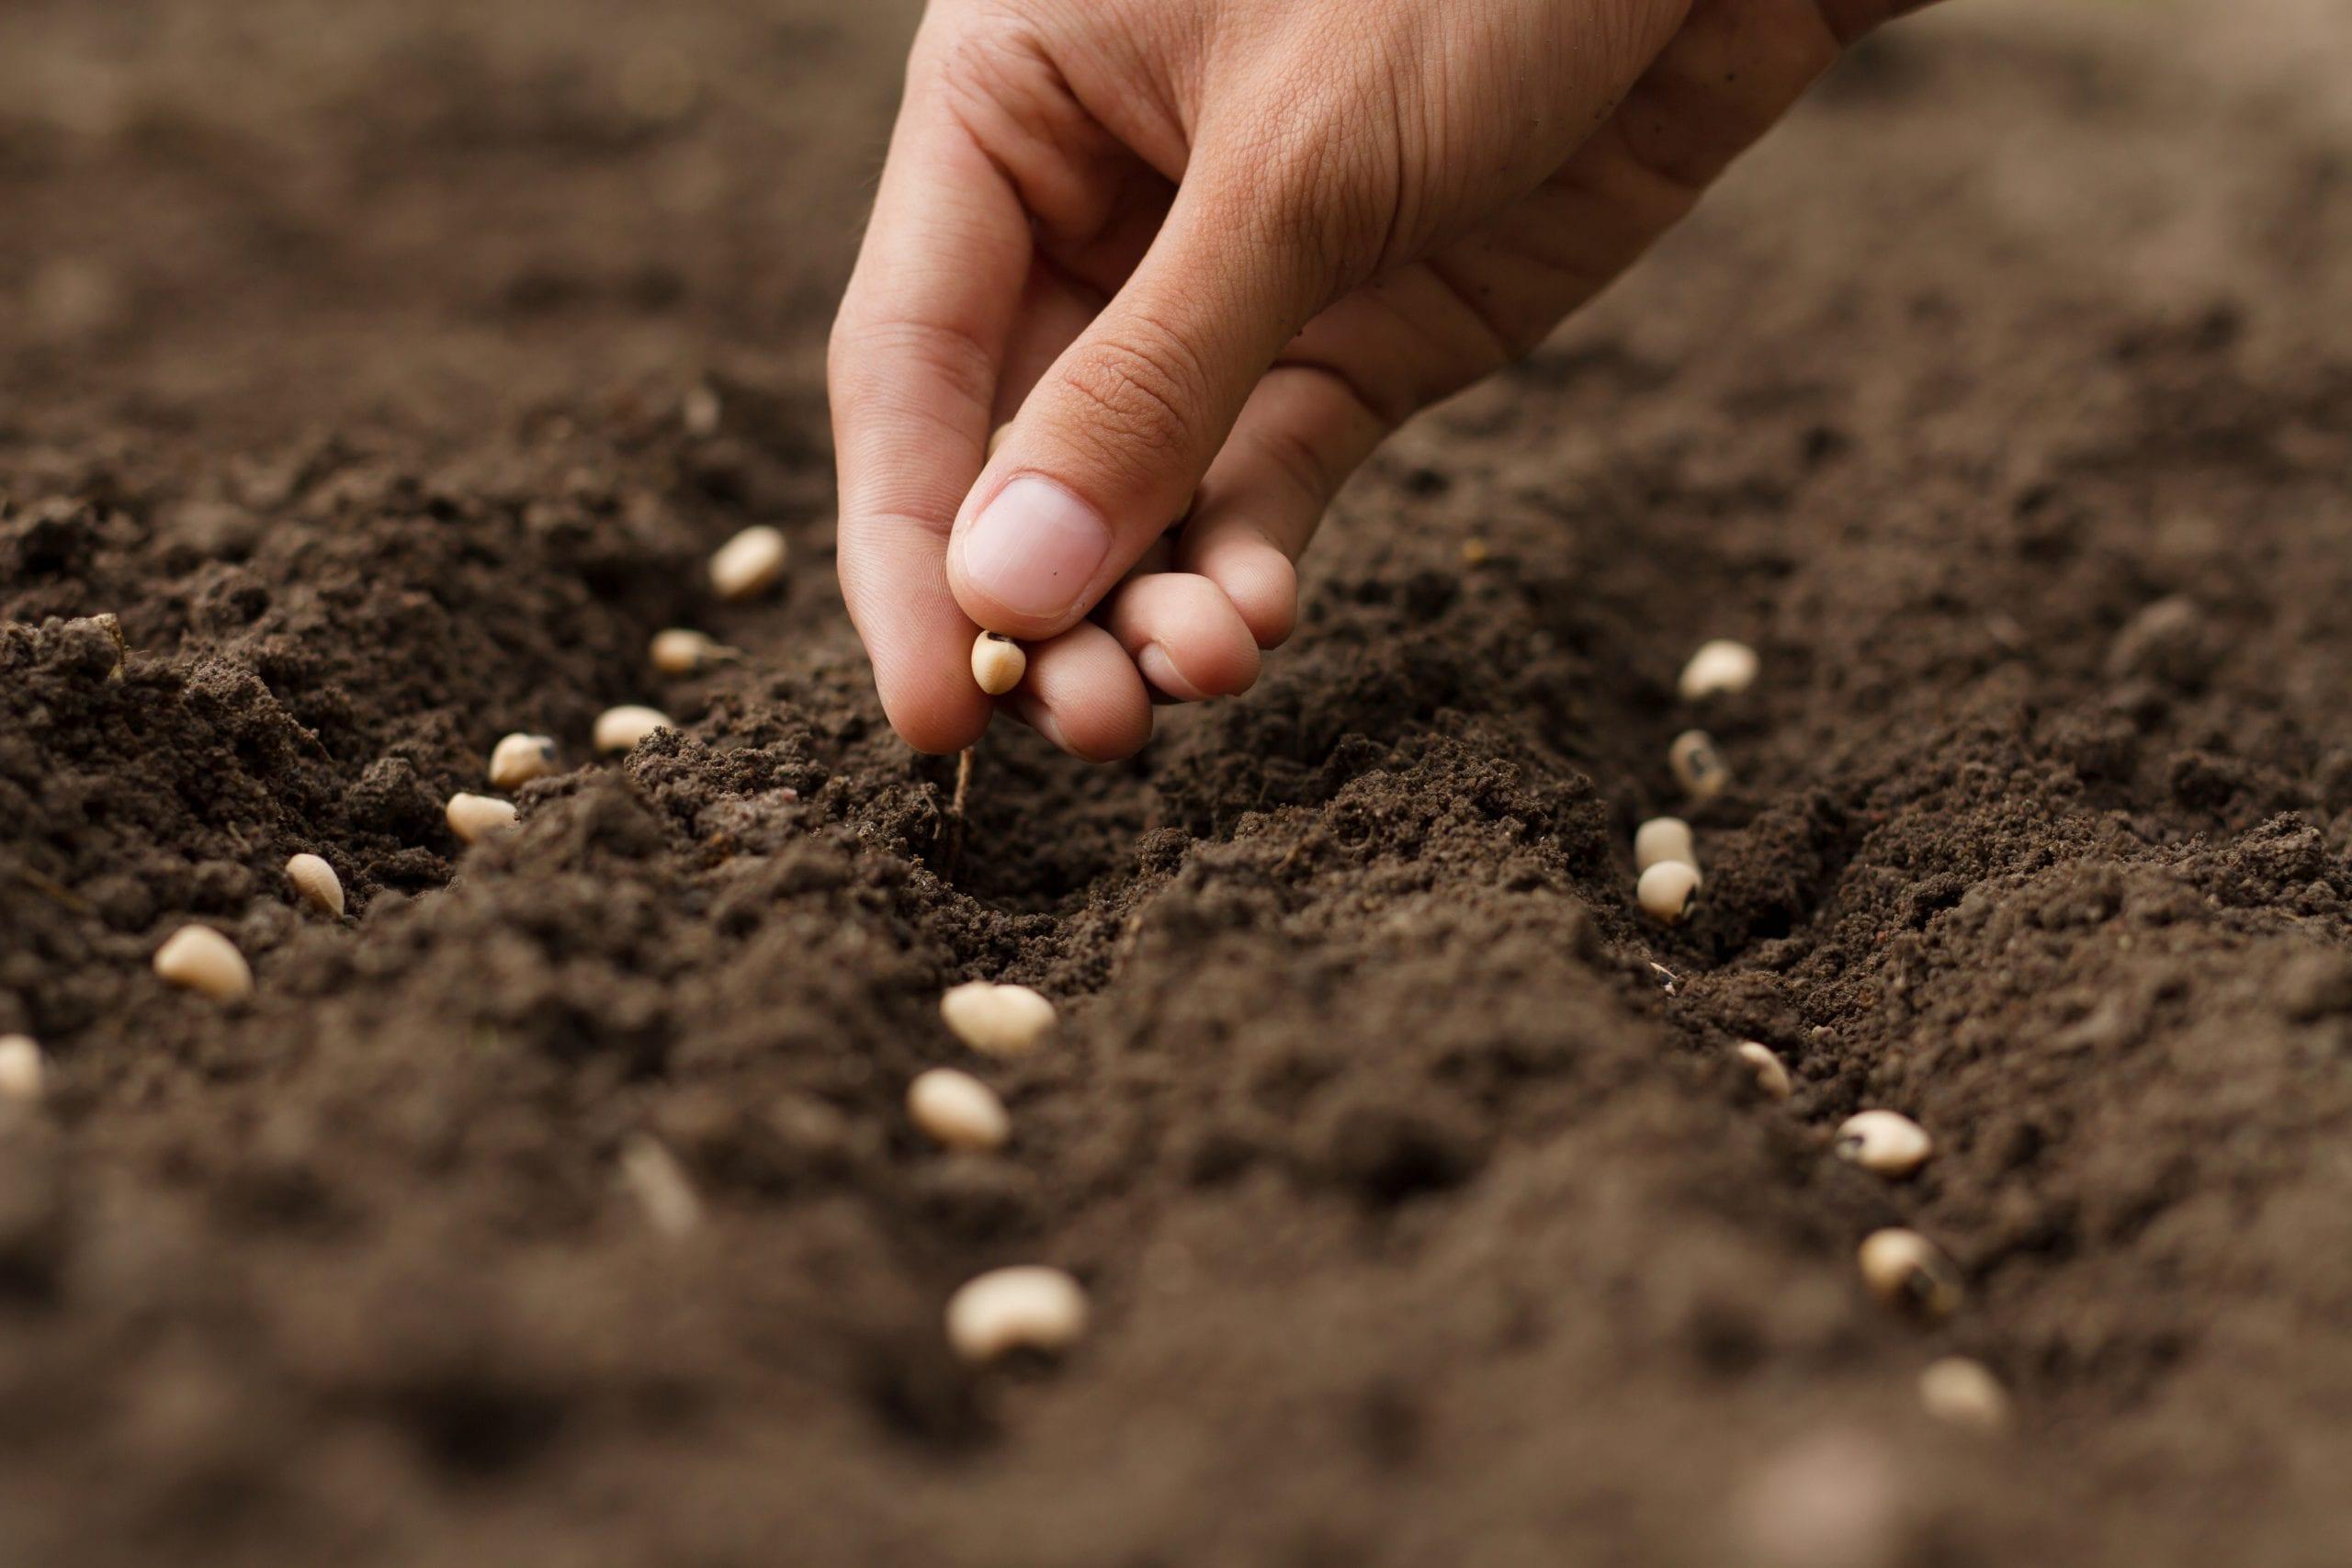 semina manuale in terra su campo arato